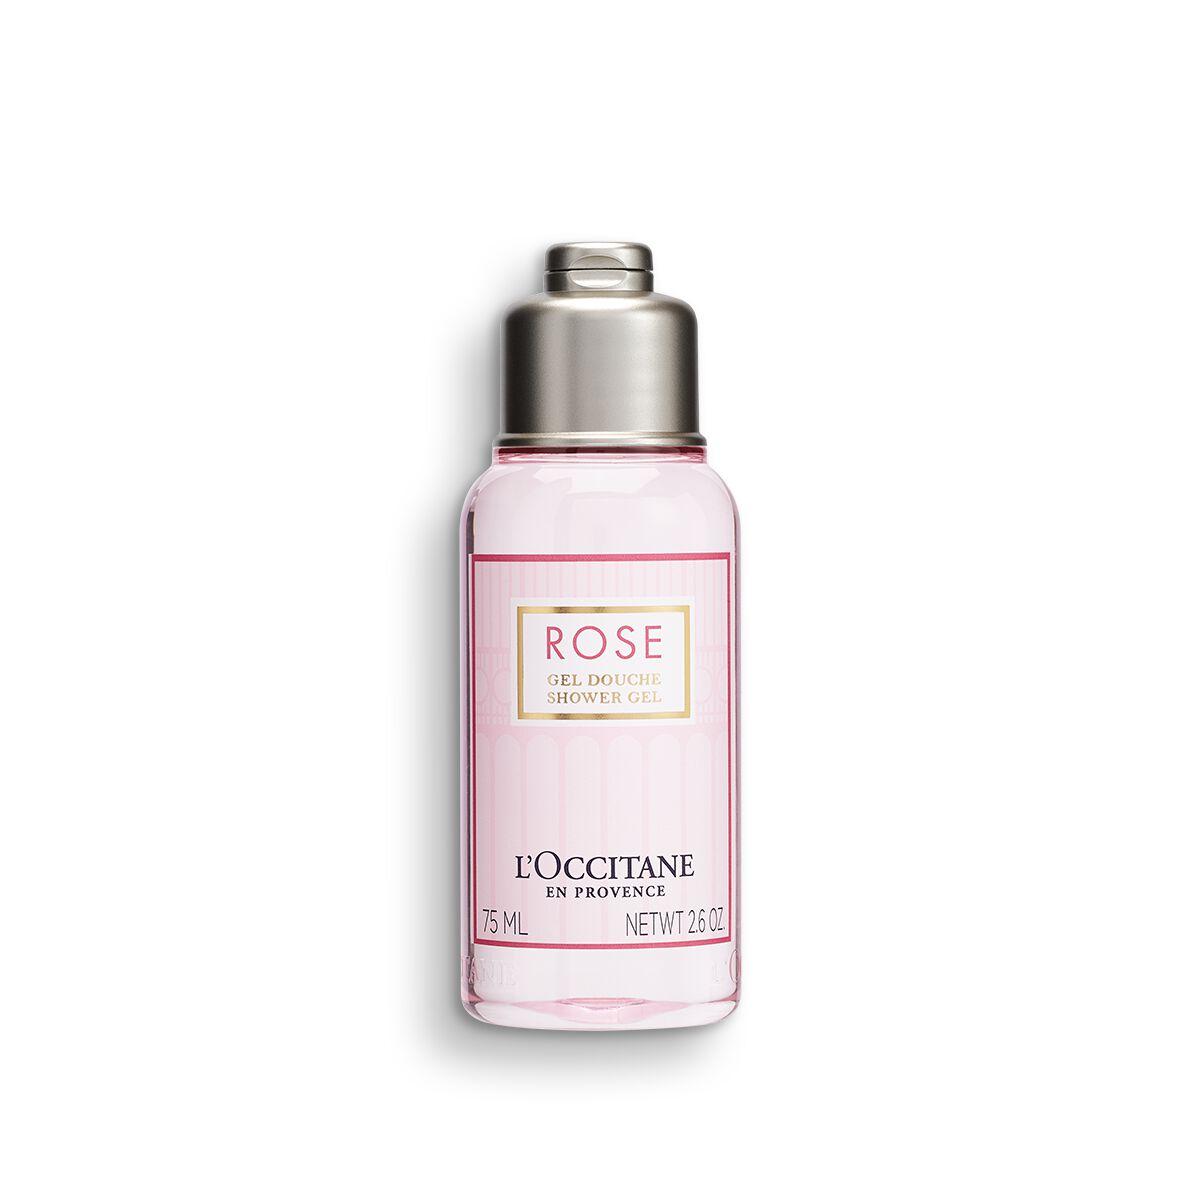 Rose Shower Gel 2.6 oz.